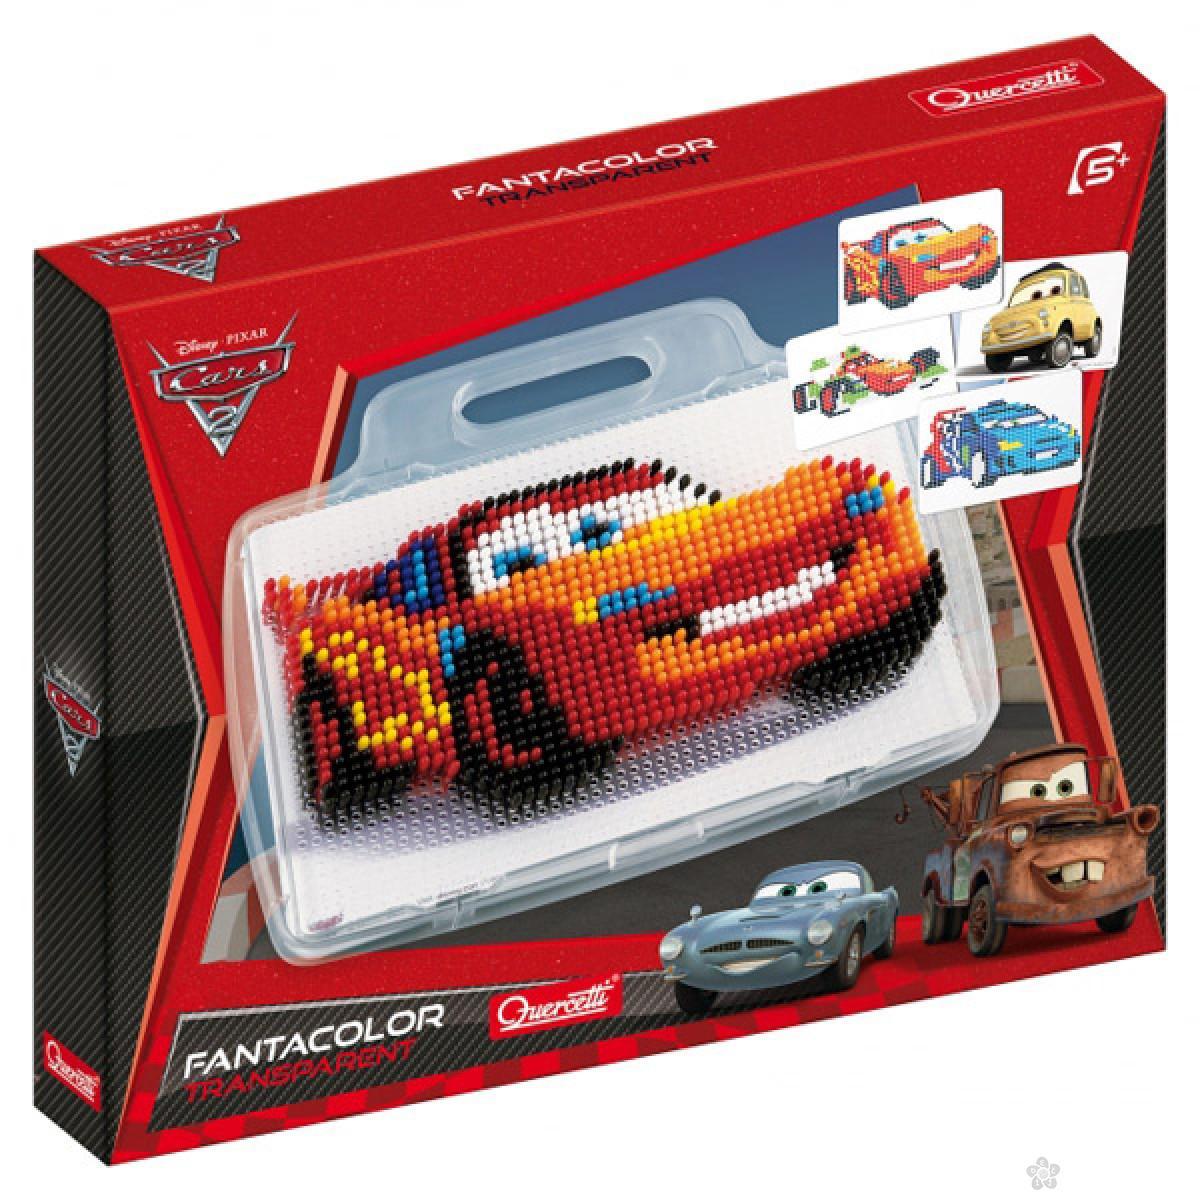 Mozaik Cars Quercetti 0656